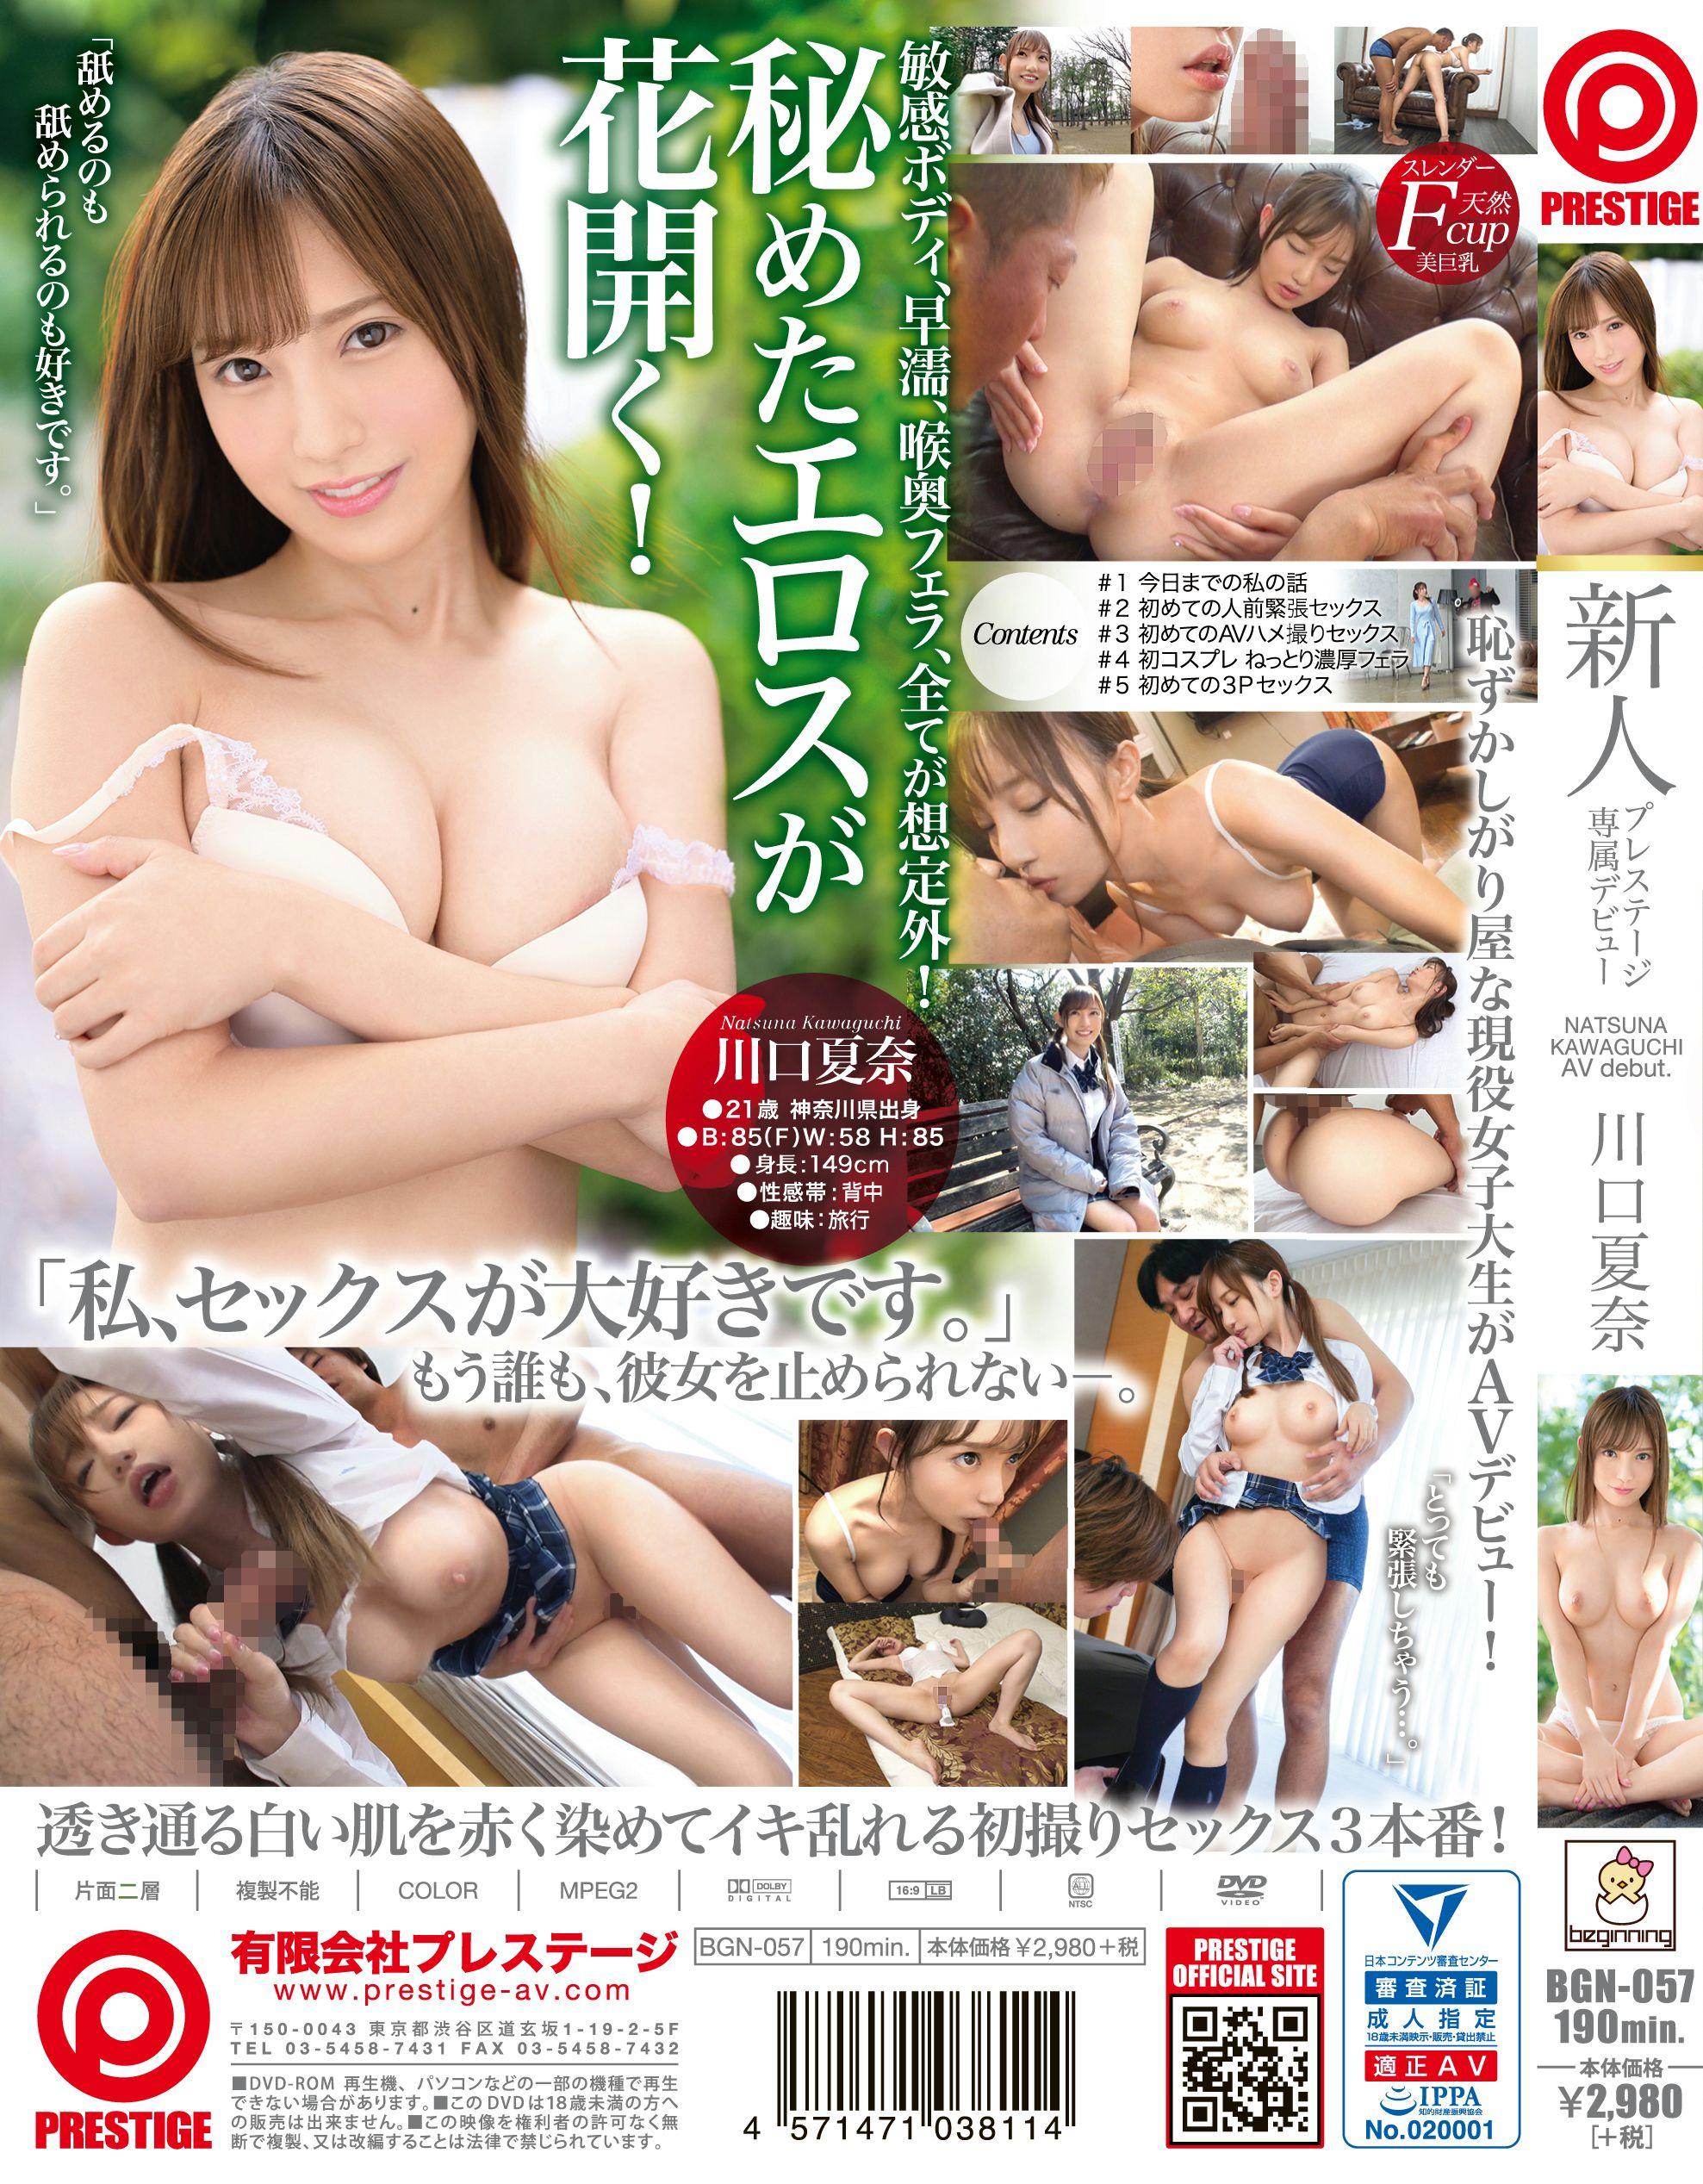 新人 プレステージ専属デビュー セックスを愛する恥じらい美少女 川口夏奈